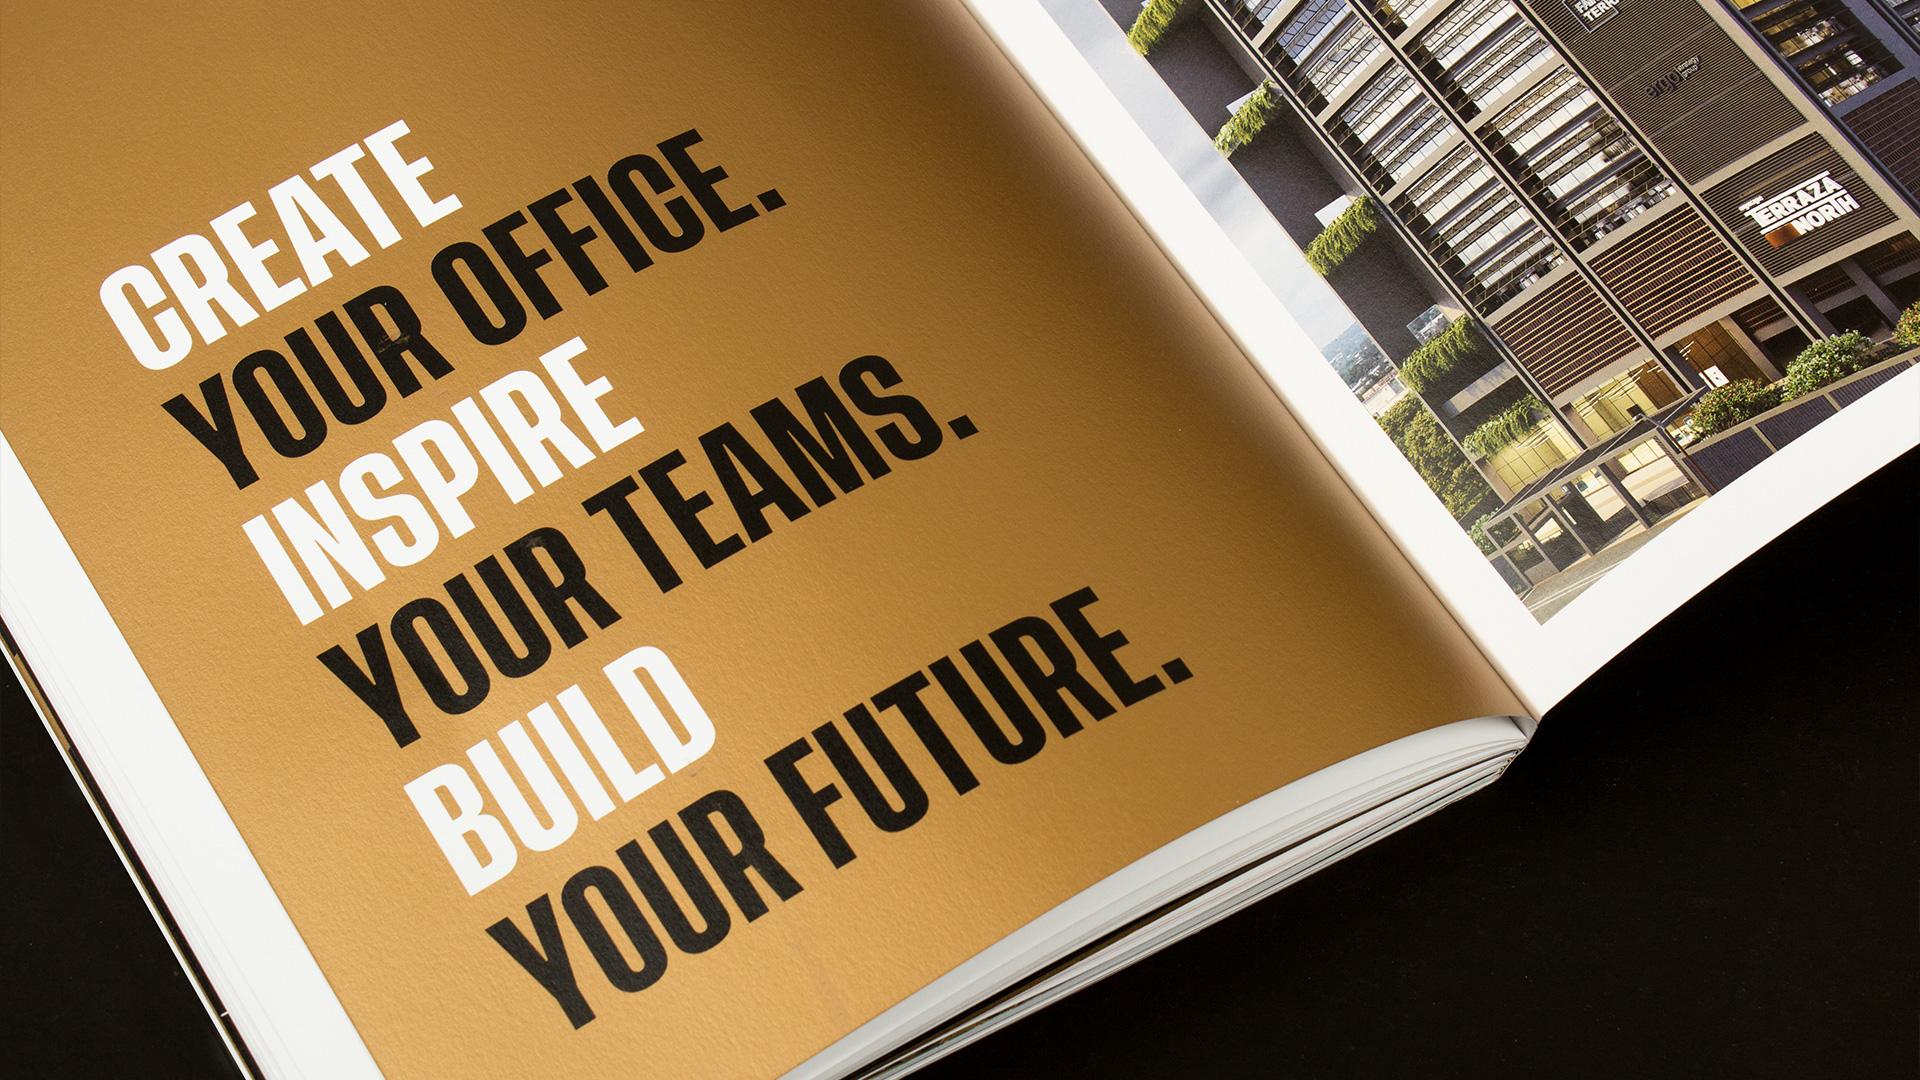 Create Inspire build